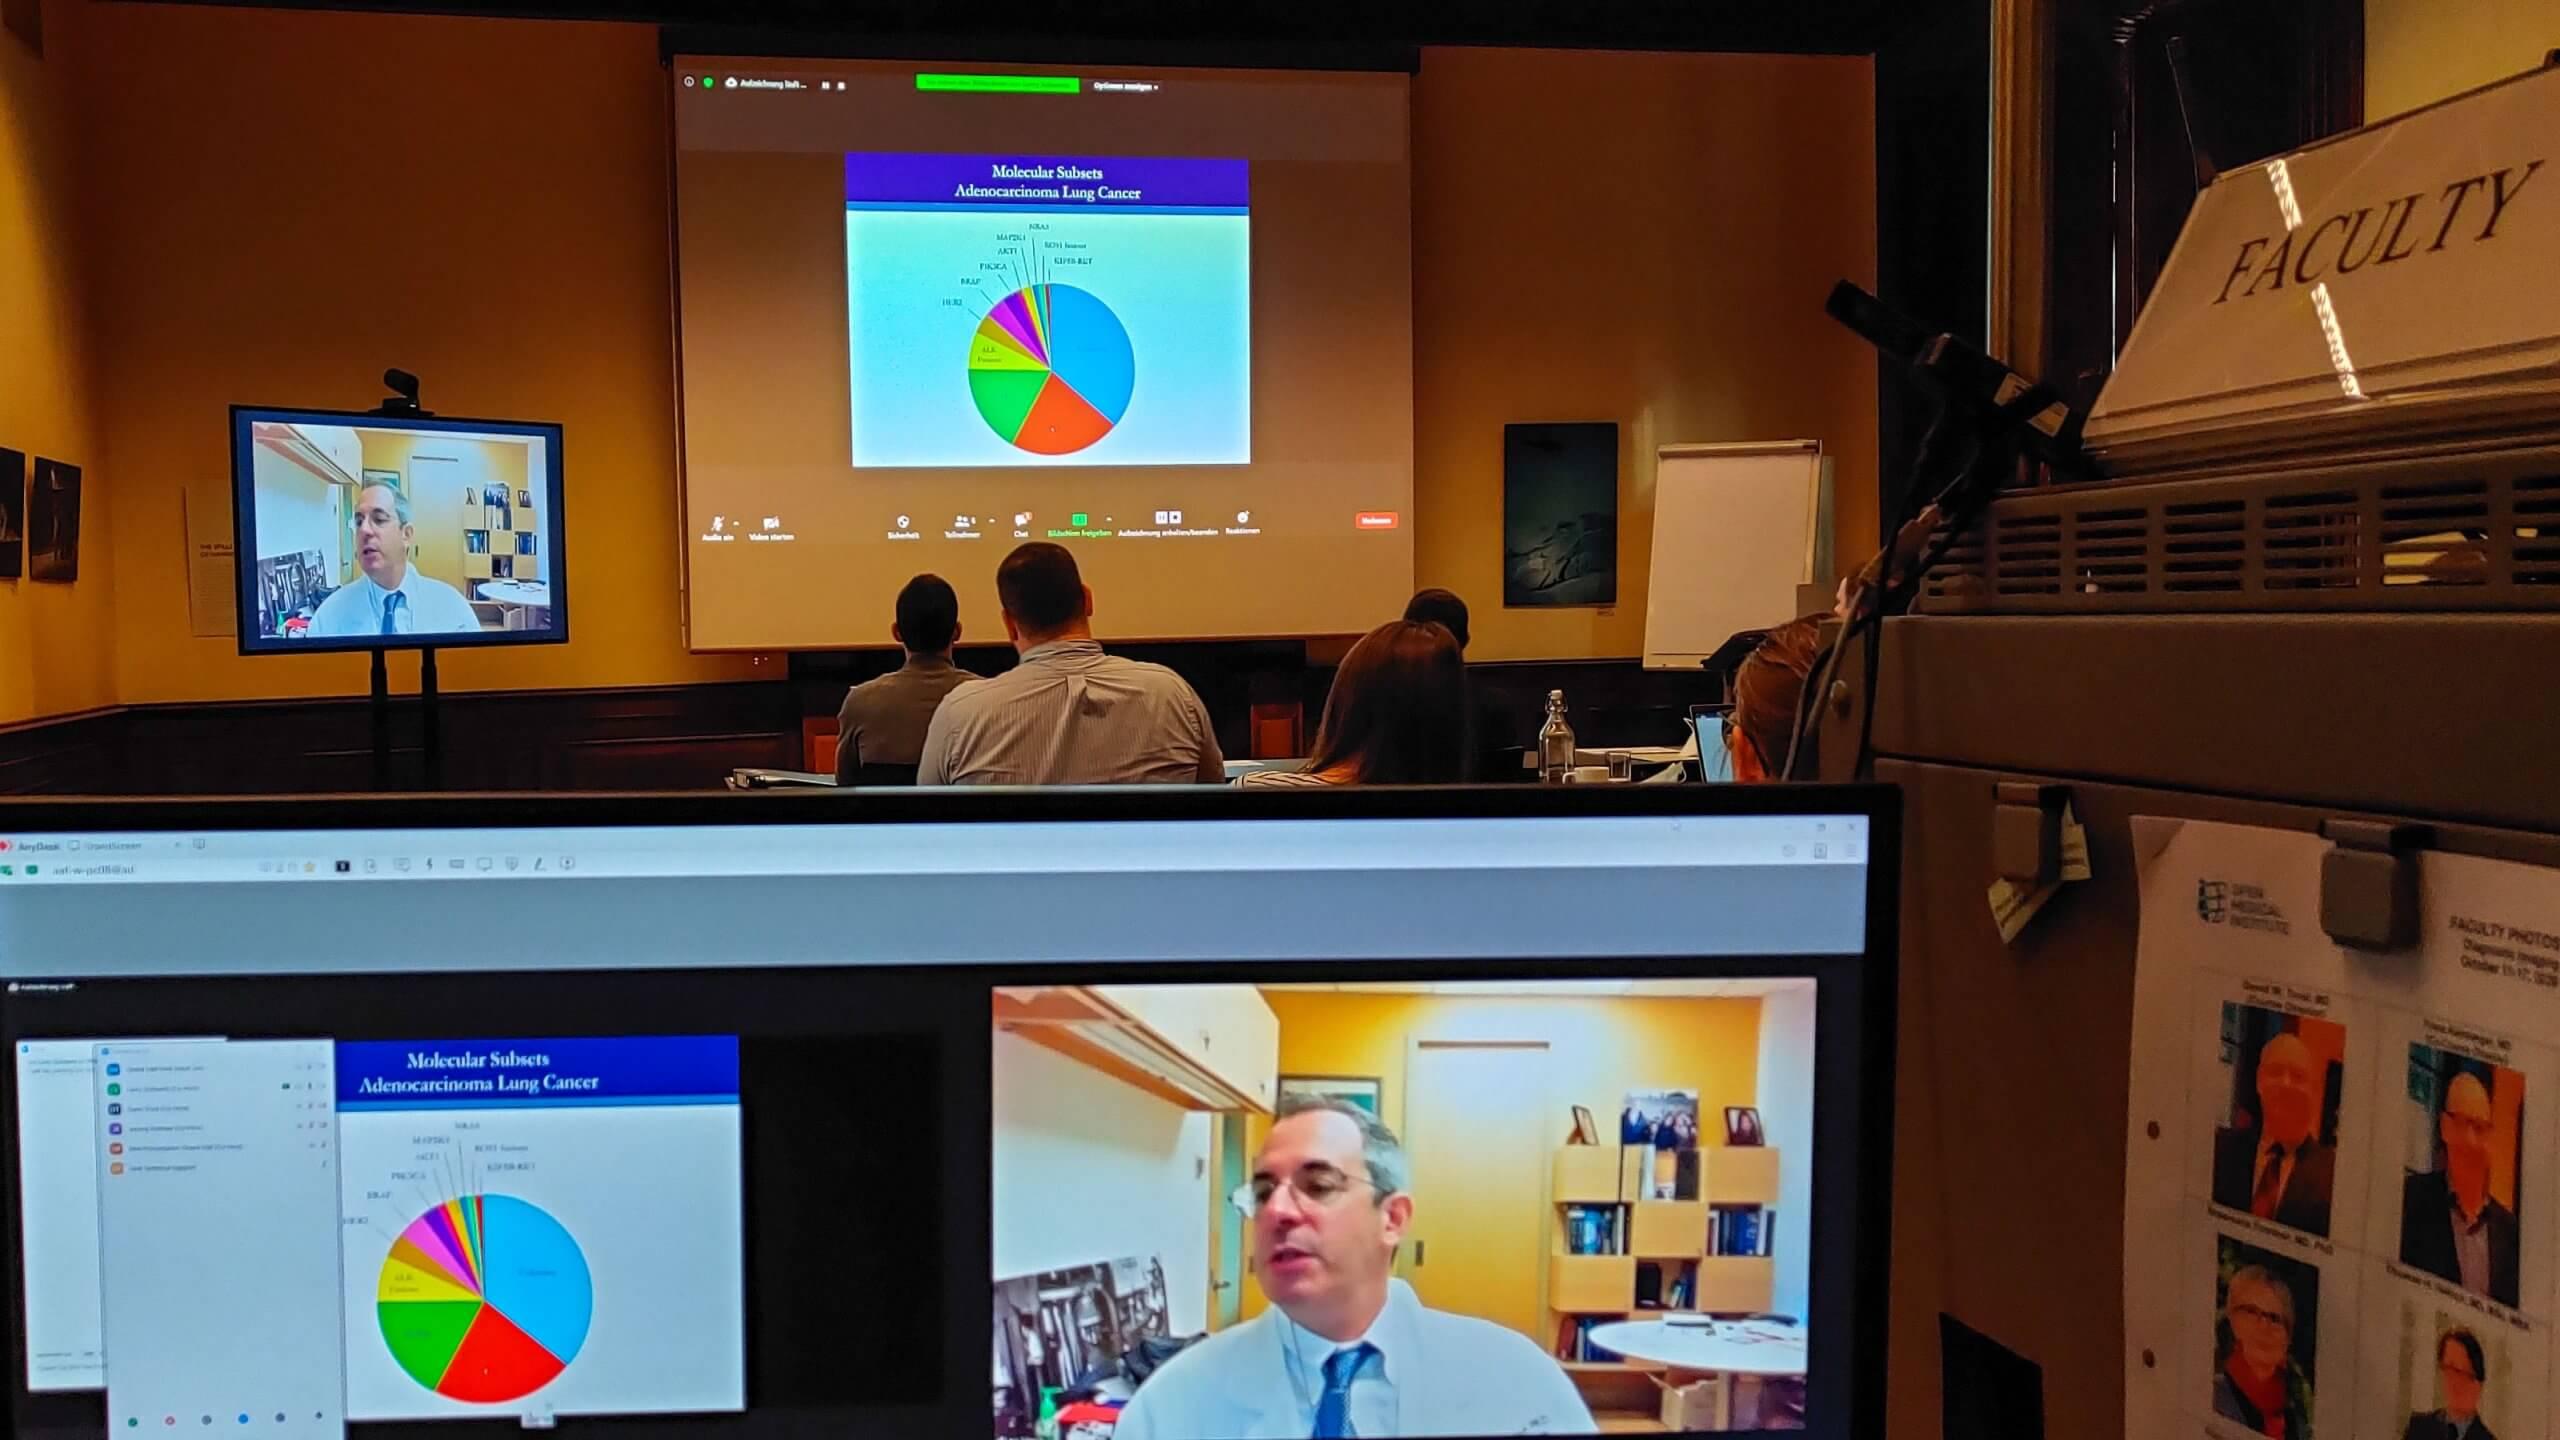 Lecture of Dr. Schwartz (Weill Cornell Medicine)